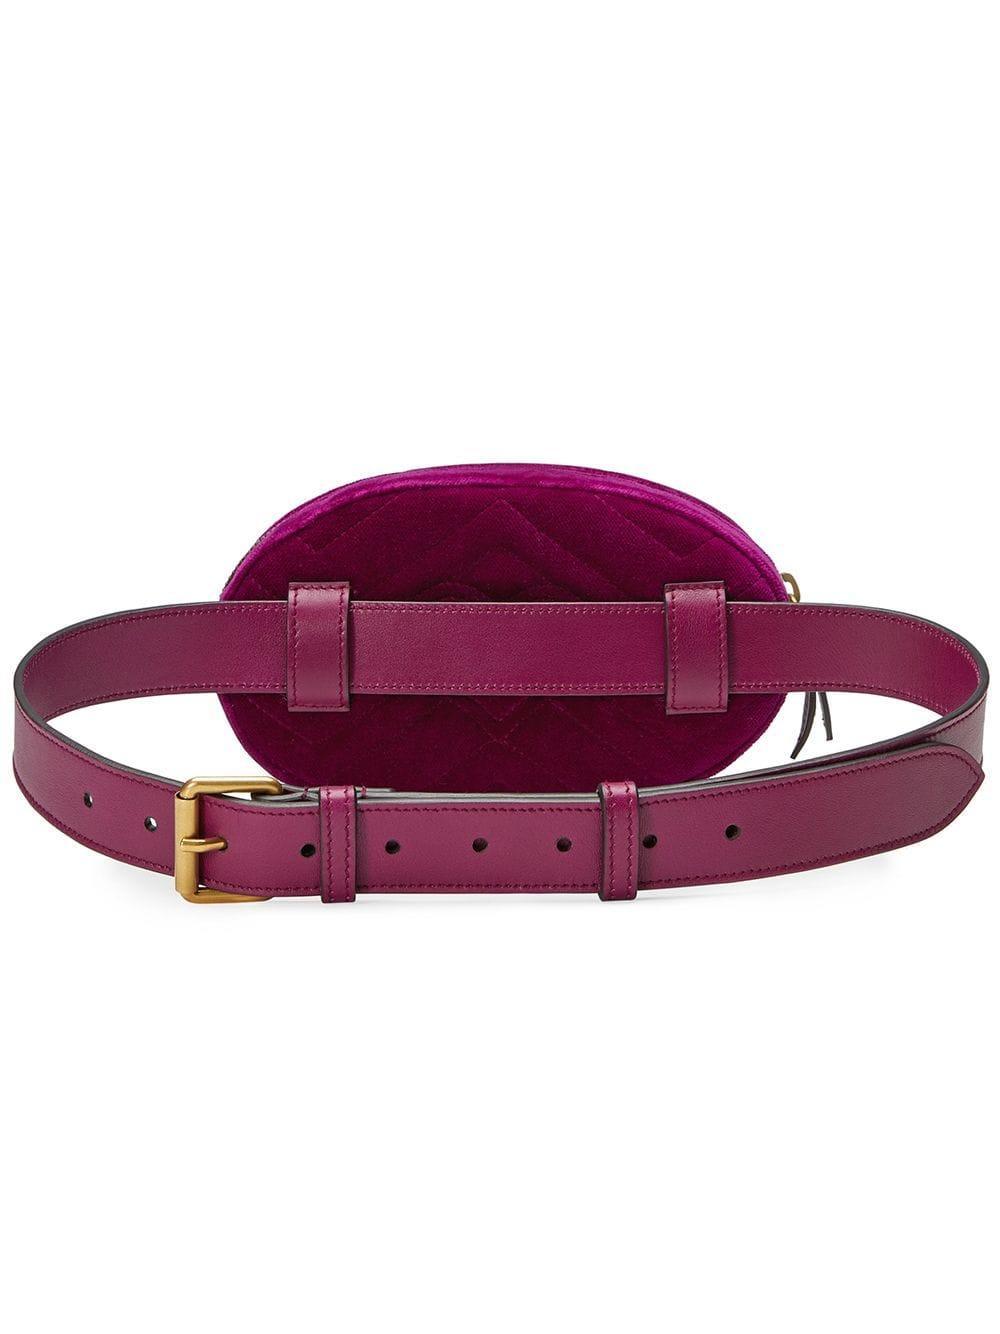 dedc9b7e7 Lyst - Gucci GG Marmont Matelassé Velvet Belt Bag in Pink